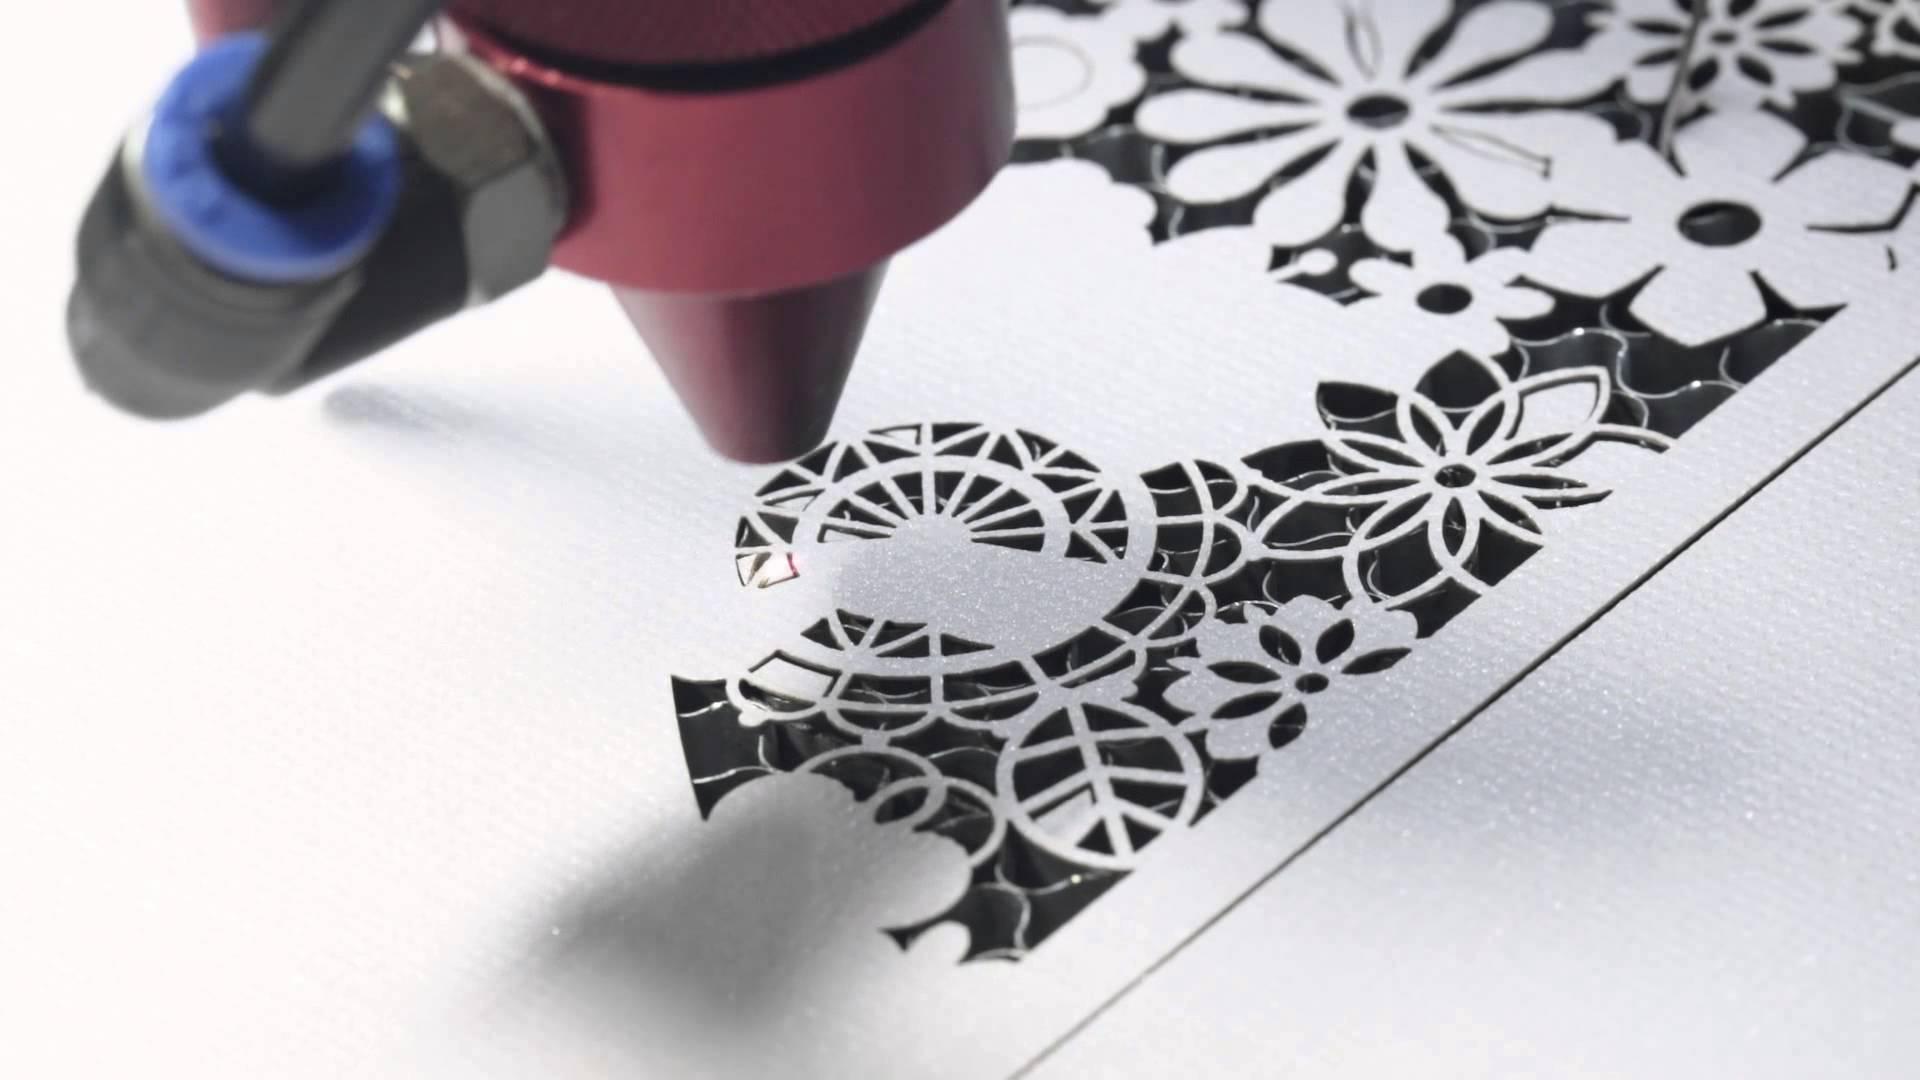 Công nghệ cắt laser trên giấy